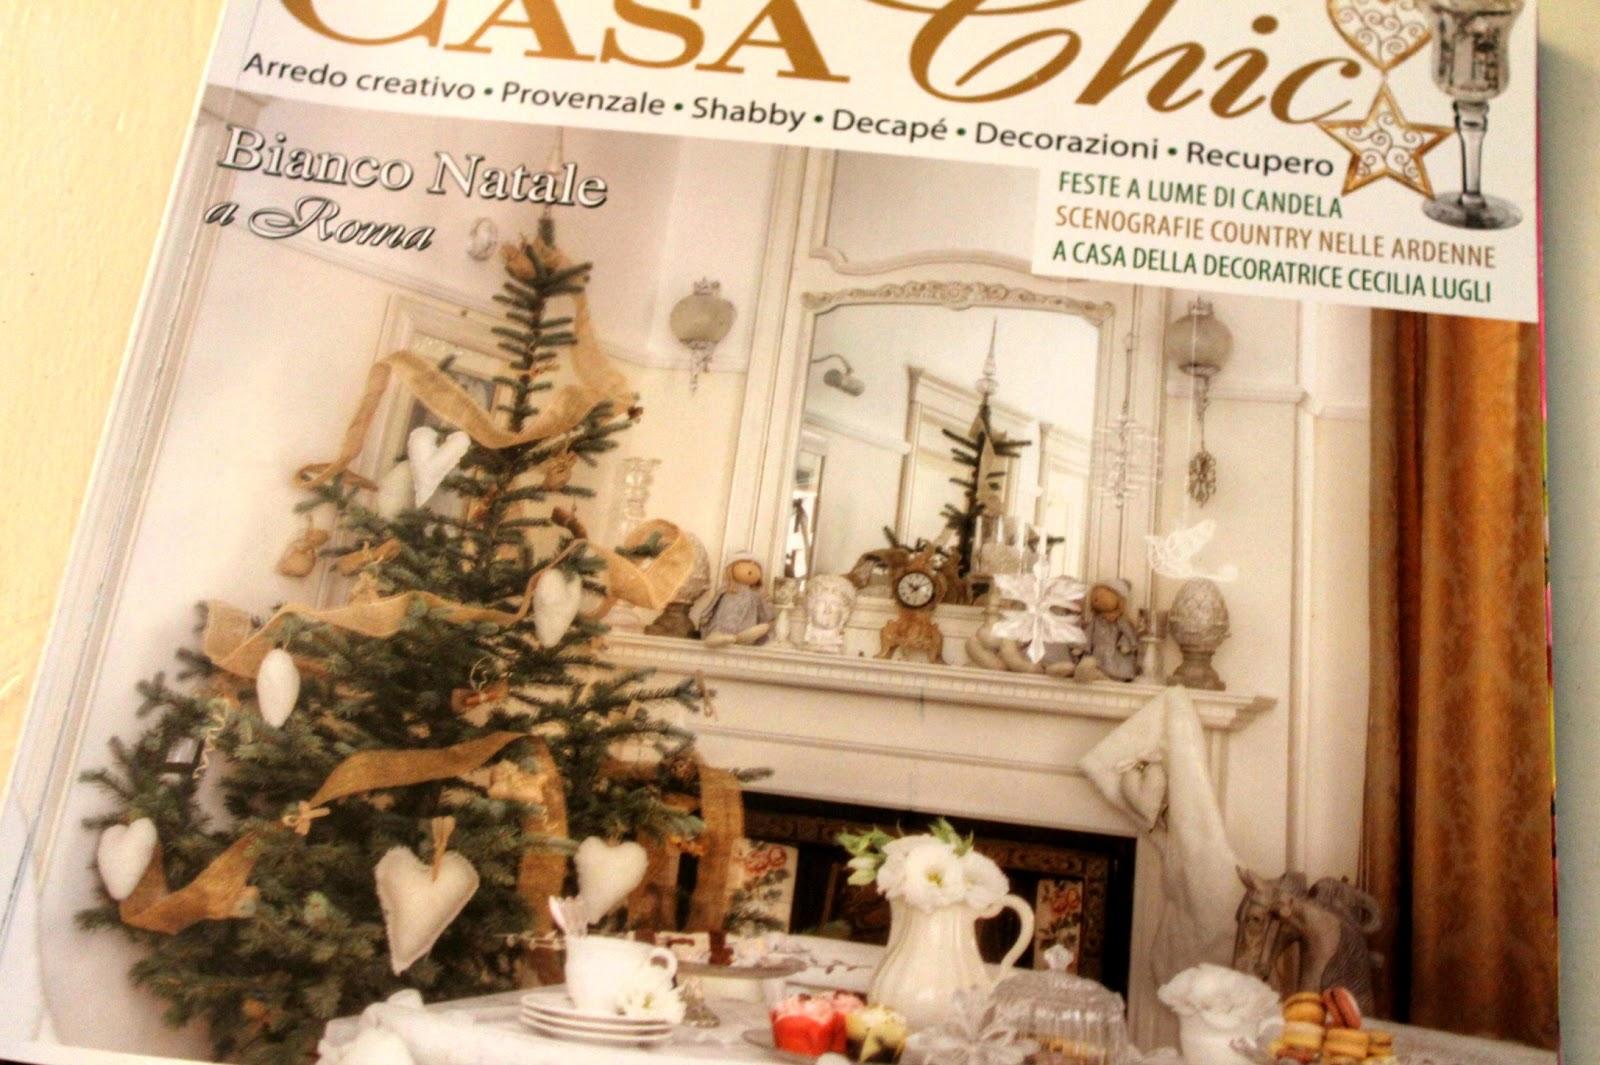 my little cozy home (cilli studio): bianco natale su casa chic - Casa Chic Rivista